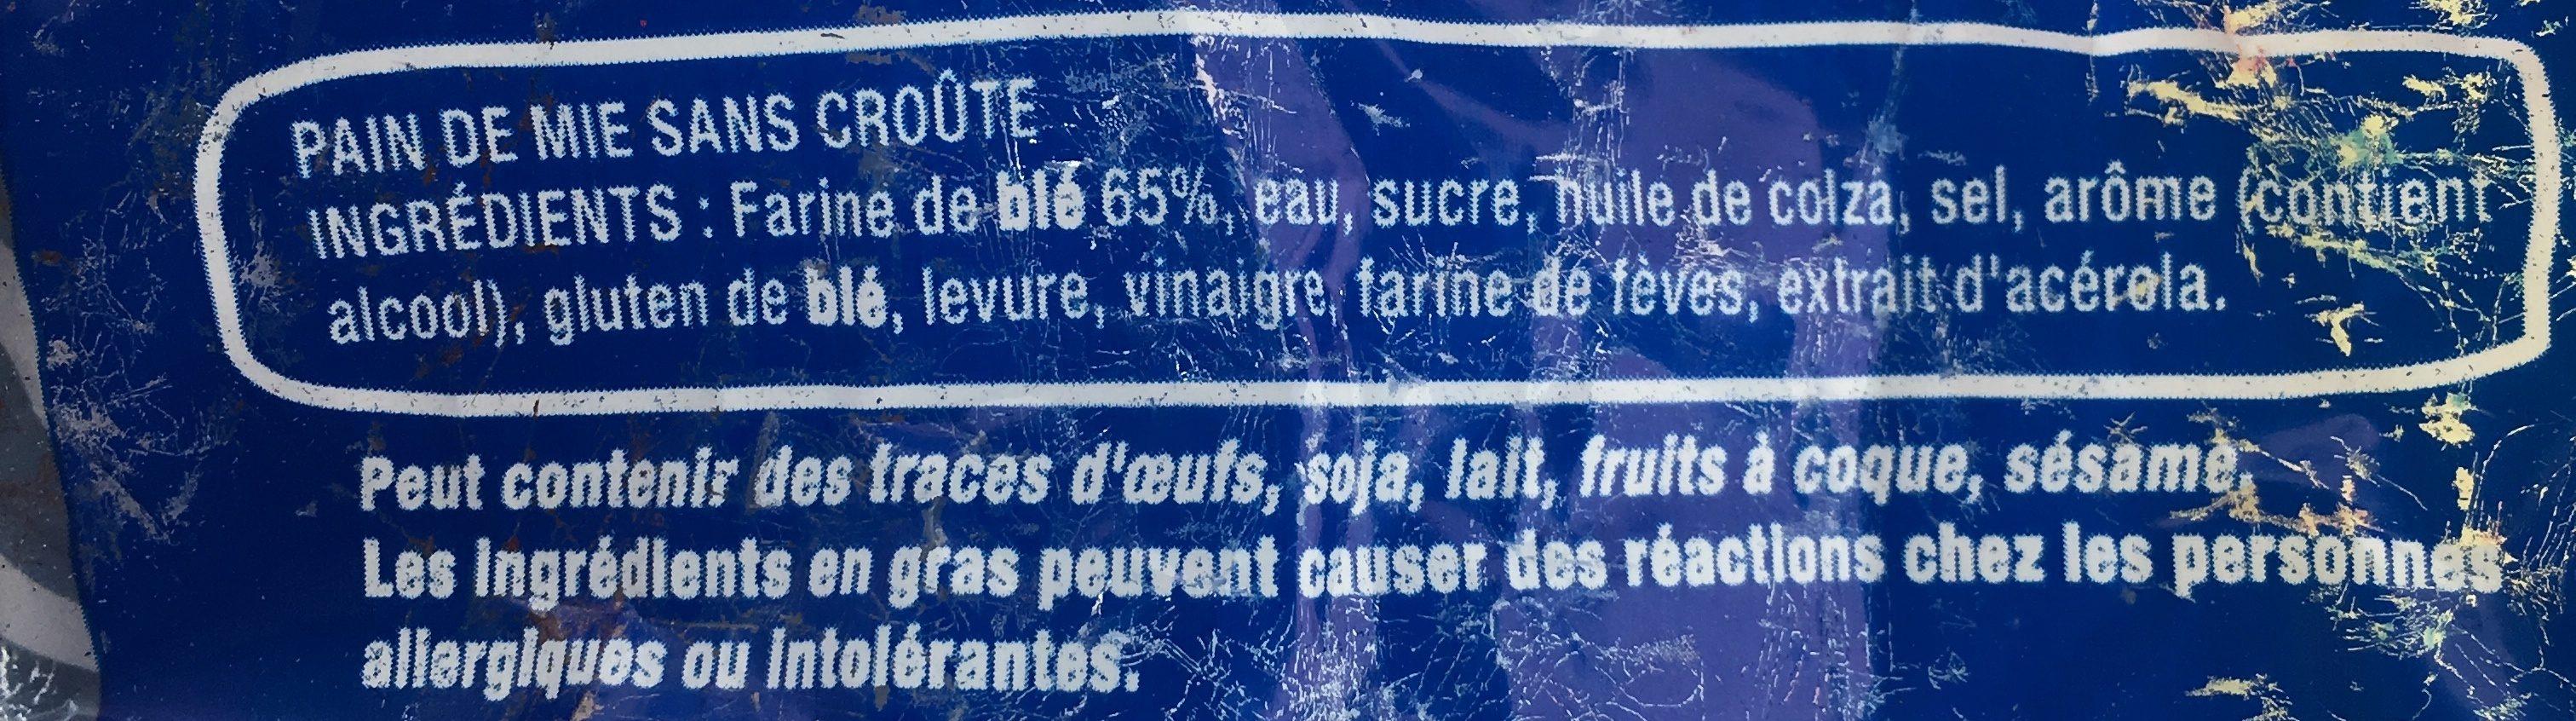 100% Mie Nature sans huile de palme - Ingredienti - fr